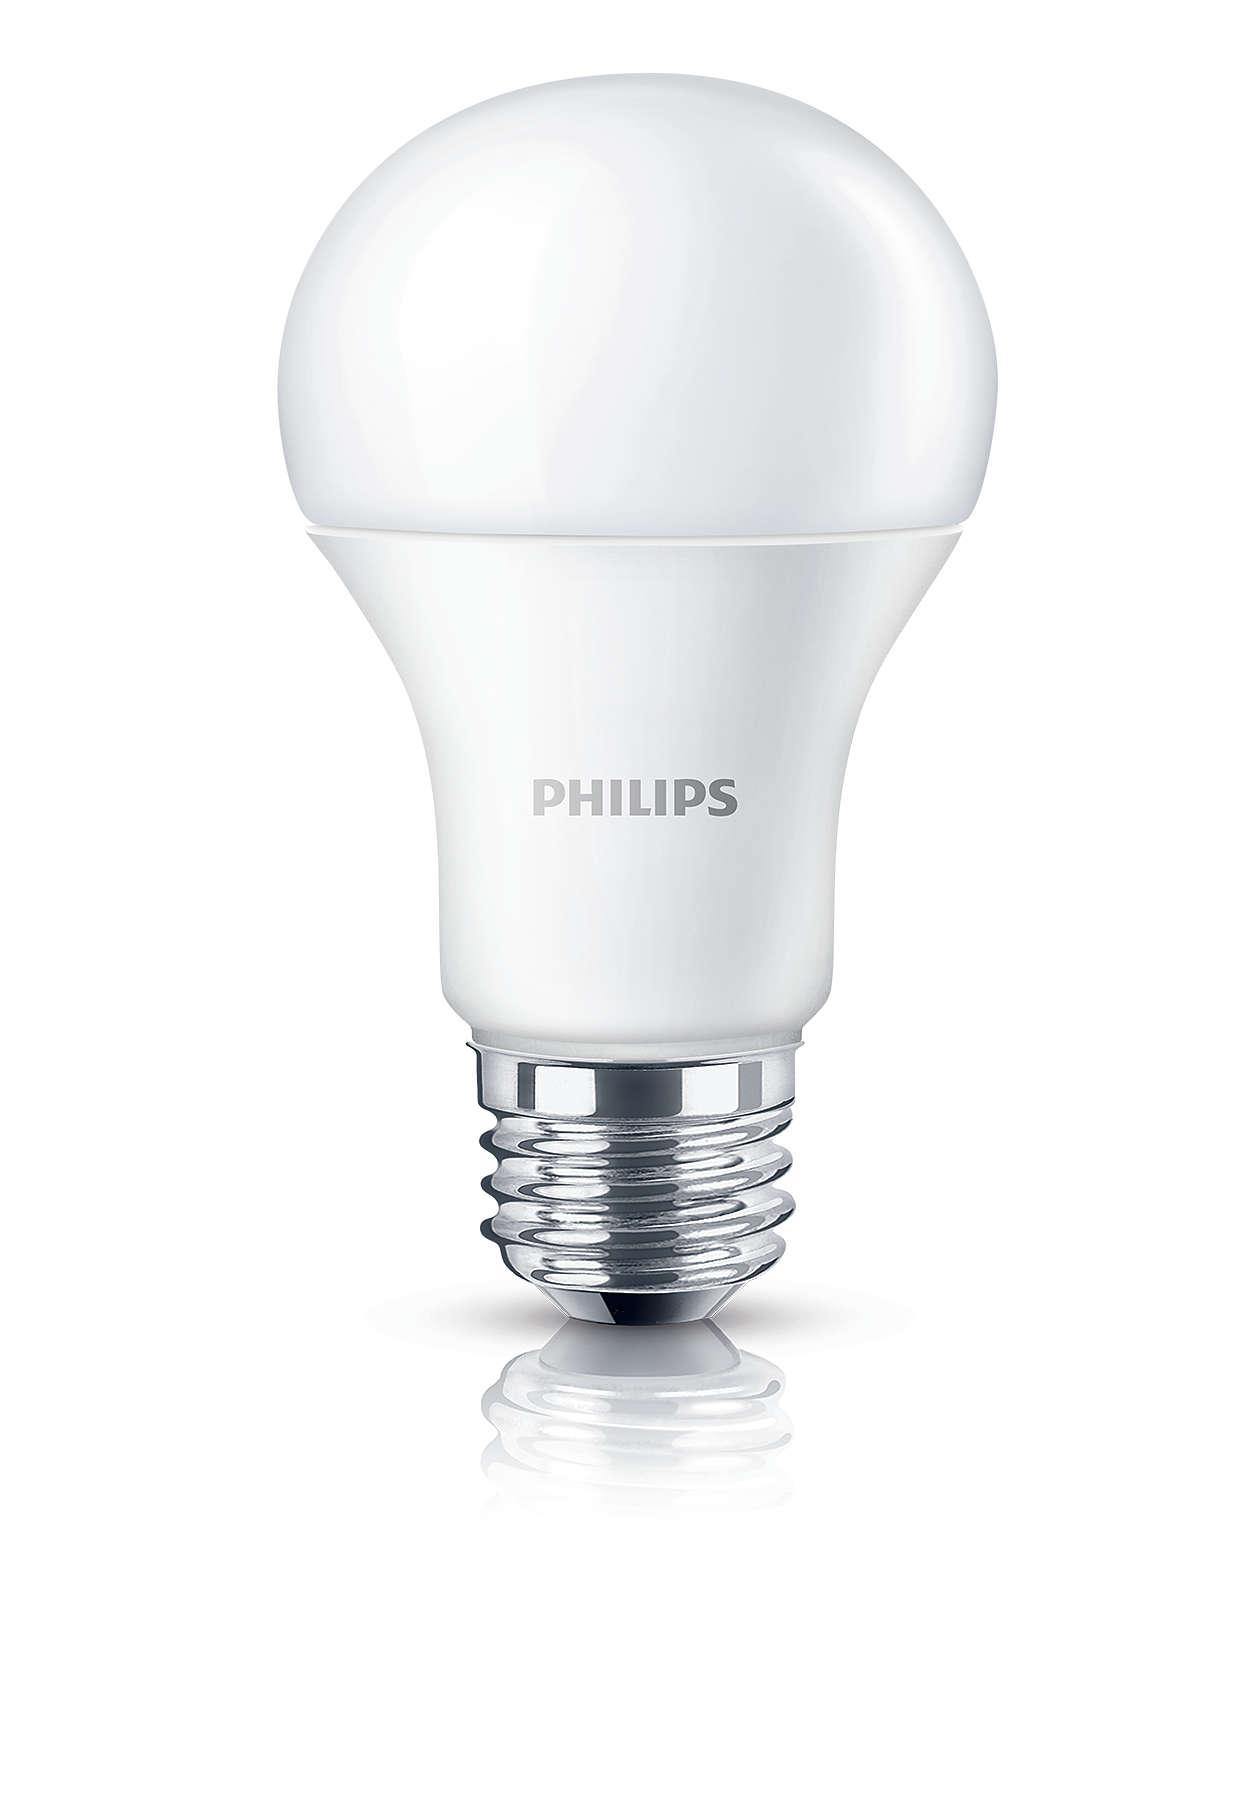 Mükemmel ışık kalitesi için tasarlandı